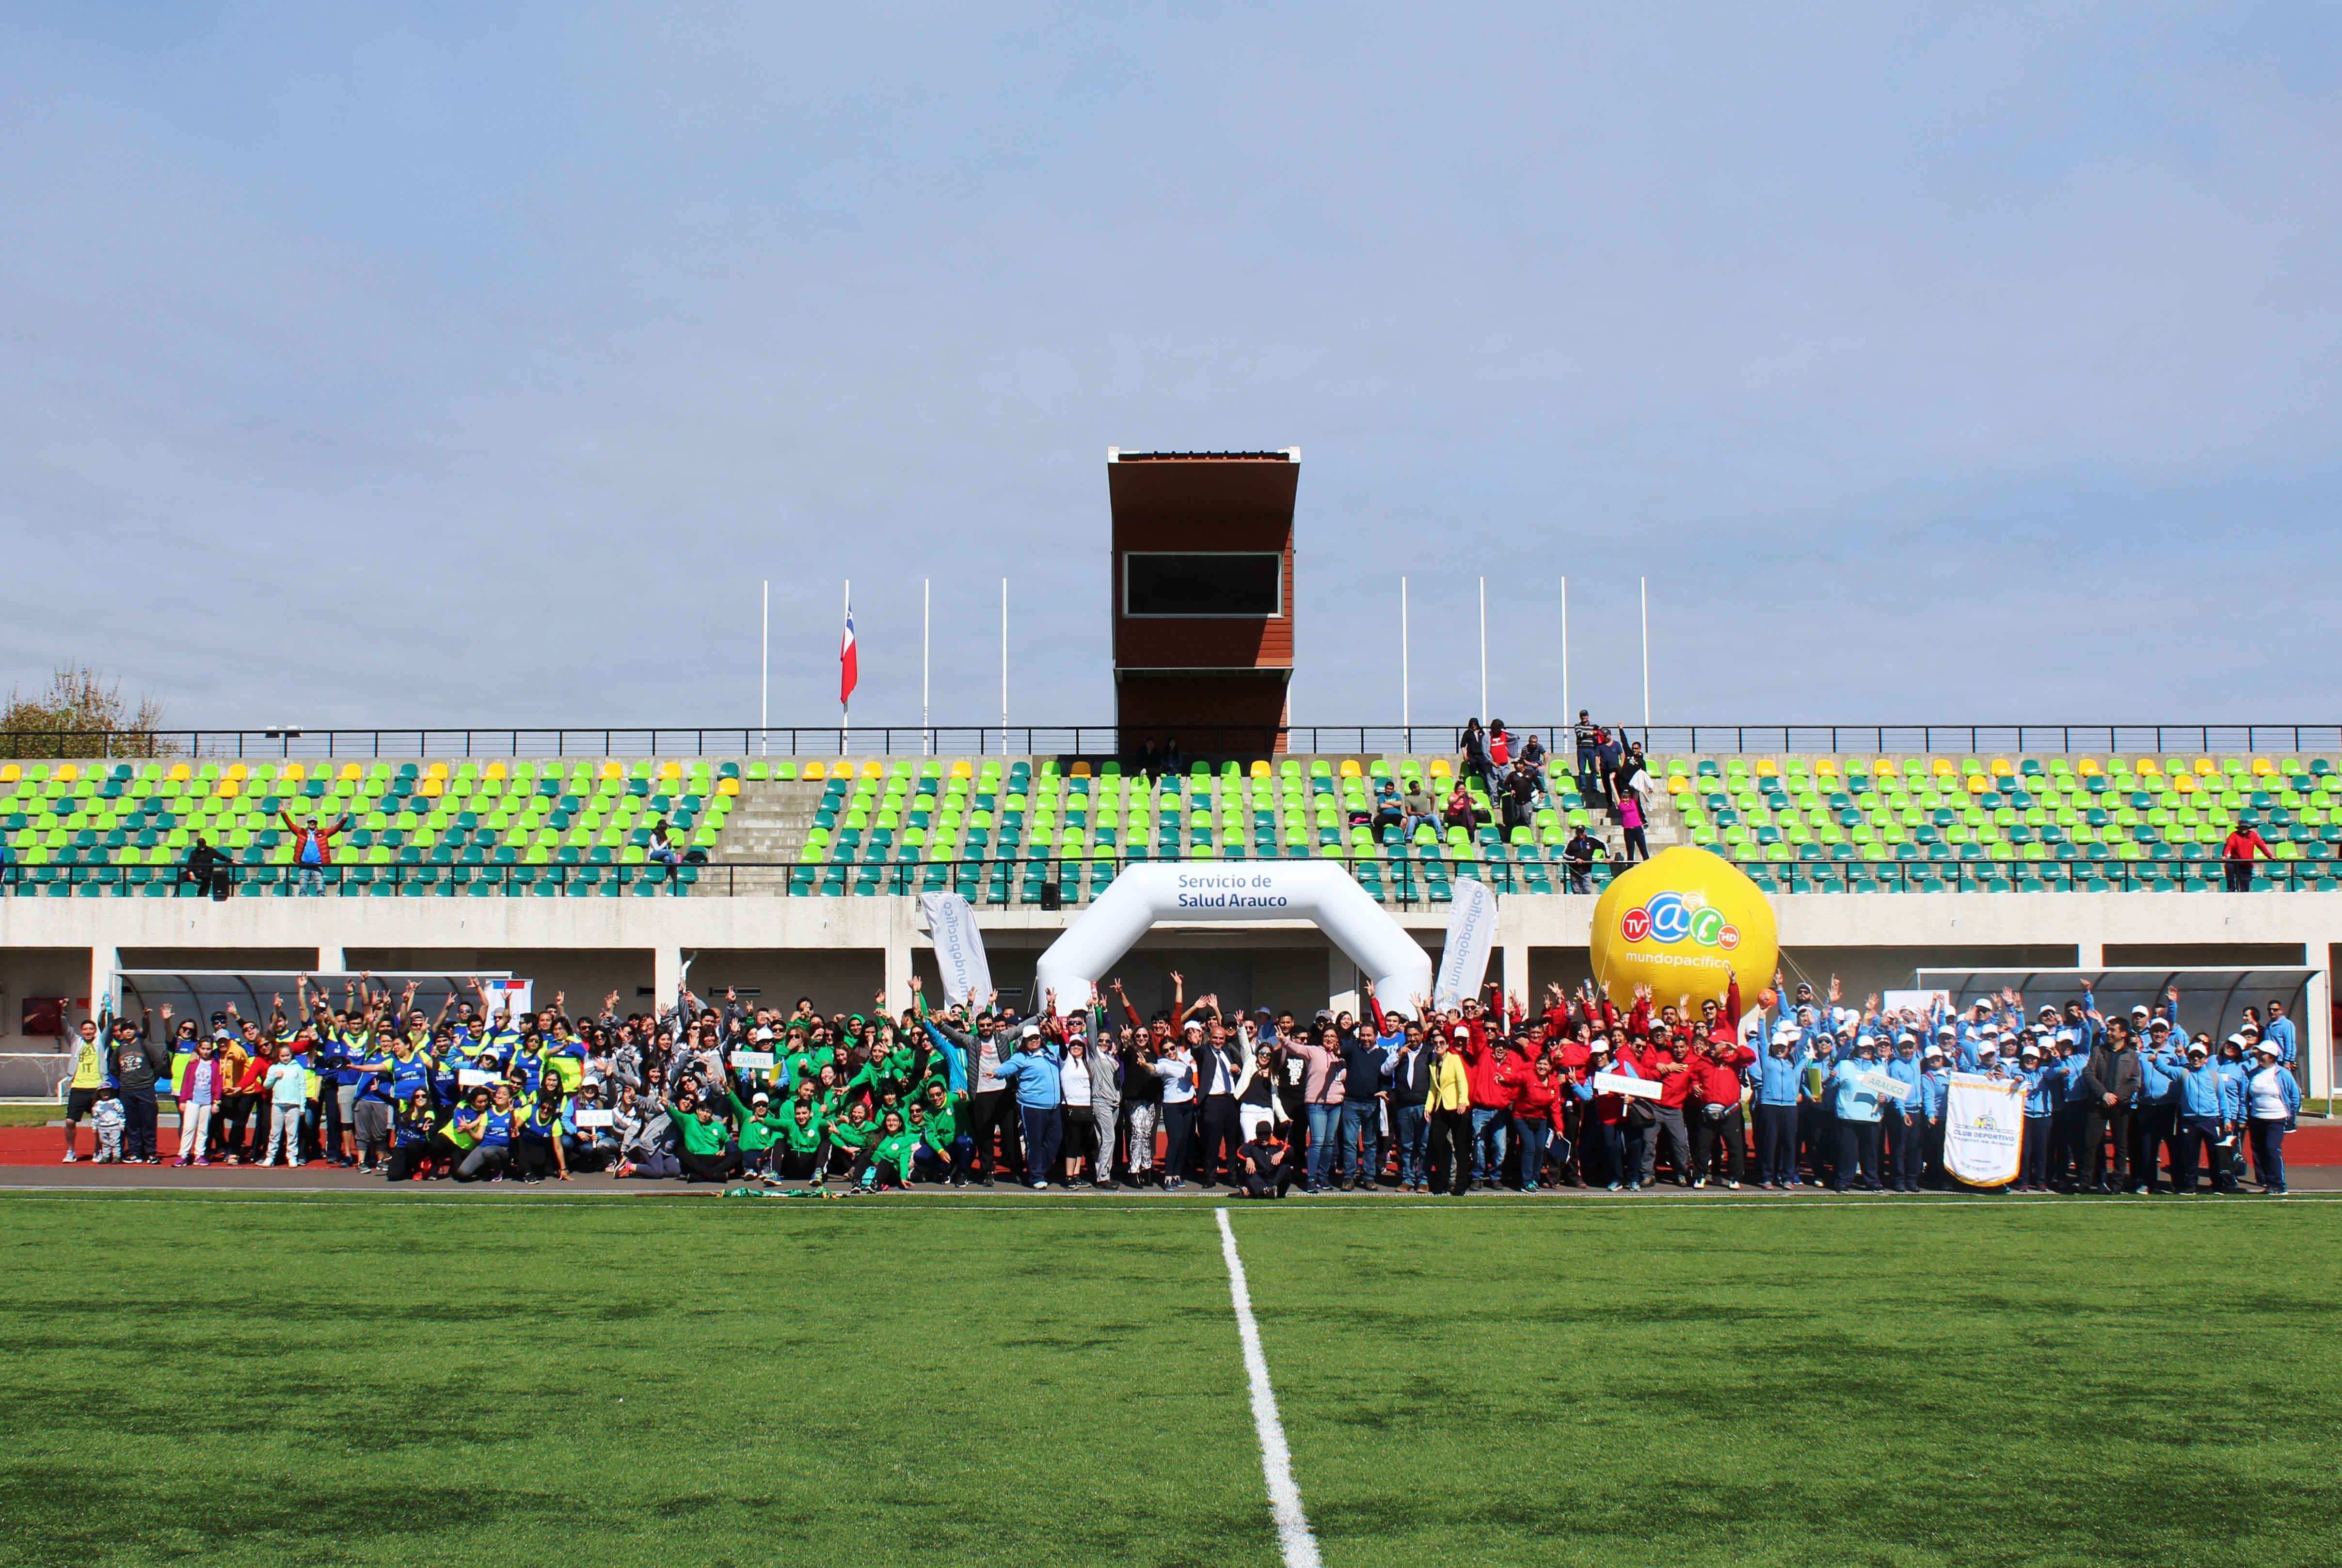 Servicio de Salud de Arauco recibió nuestro apoyo con implementación  deportiva - Mundo Pacífico 32a7b6af3f41a